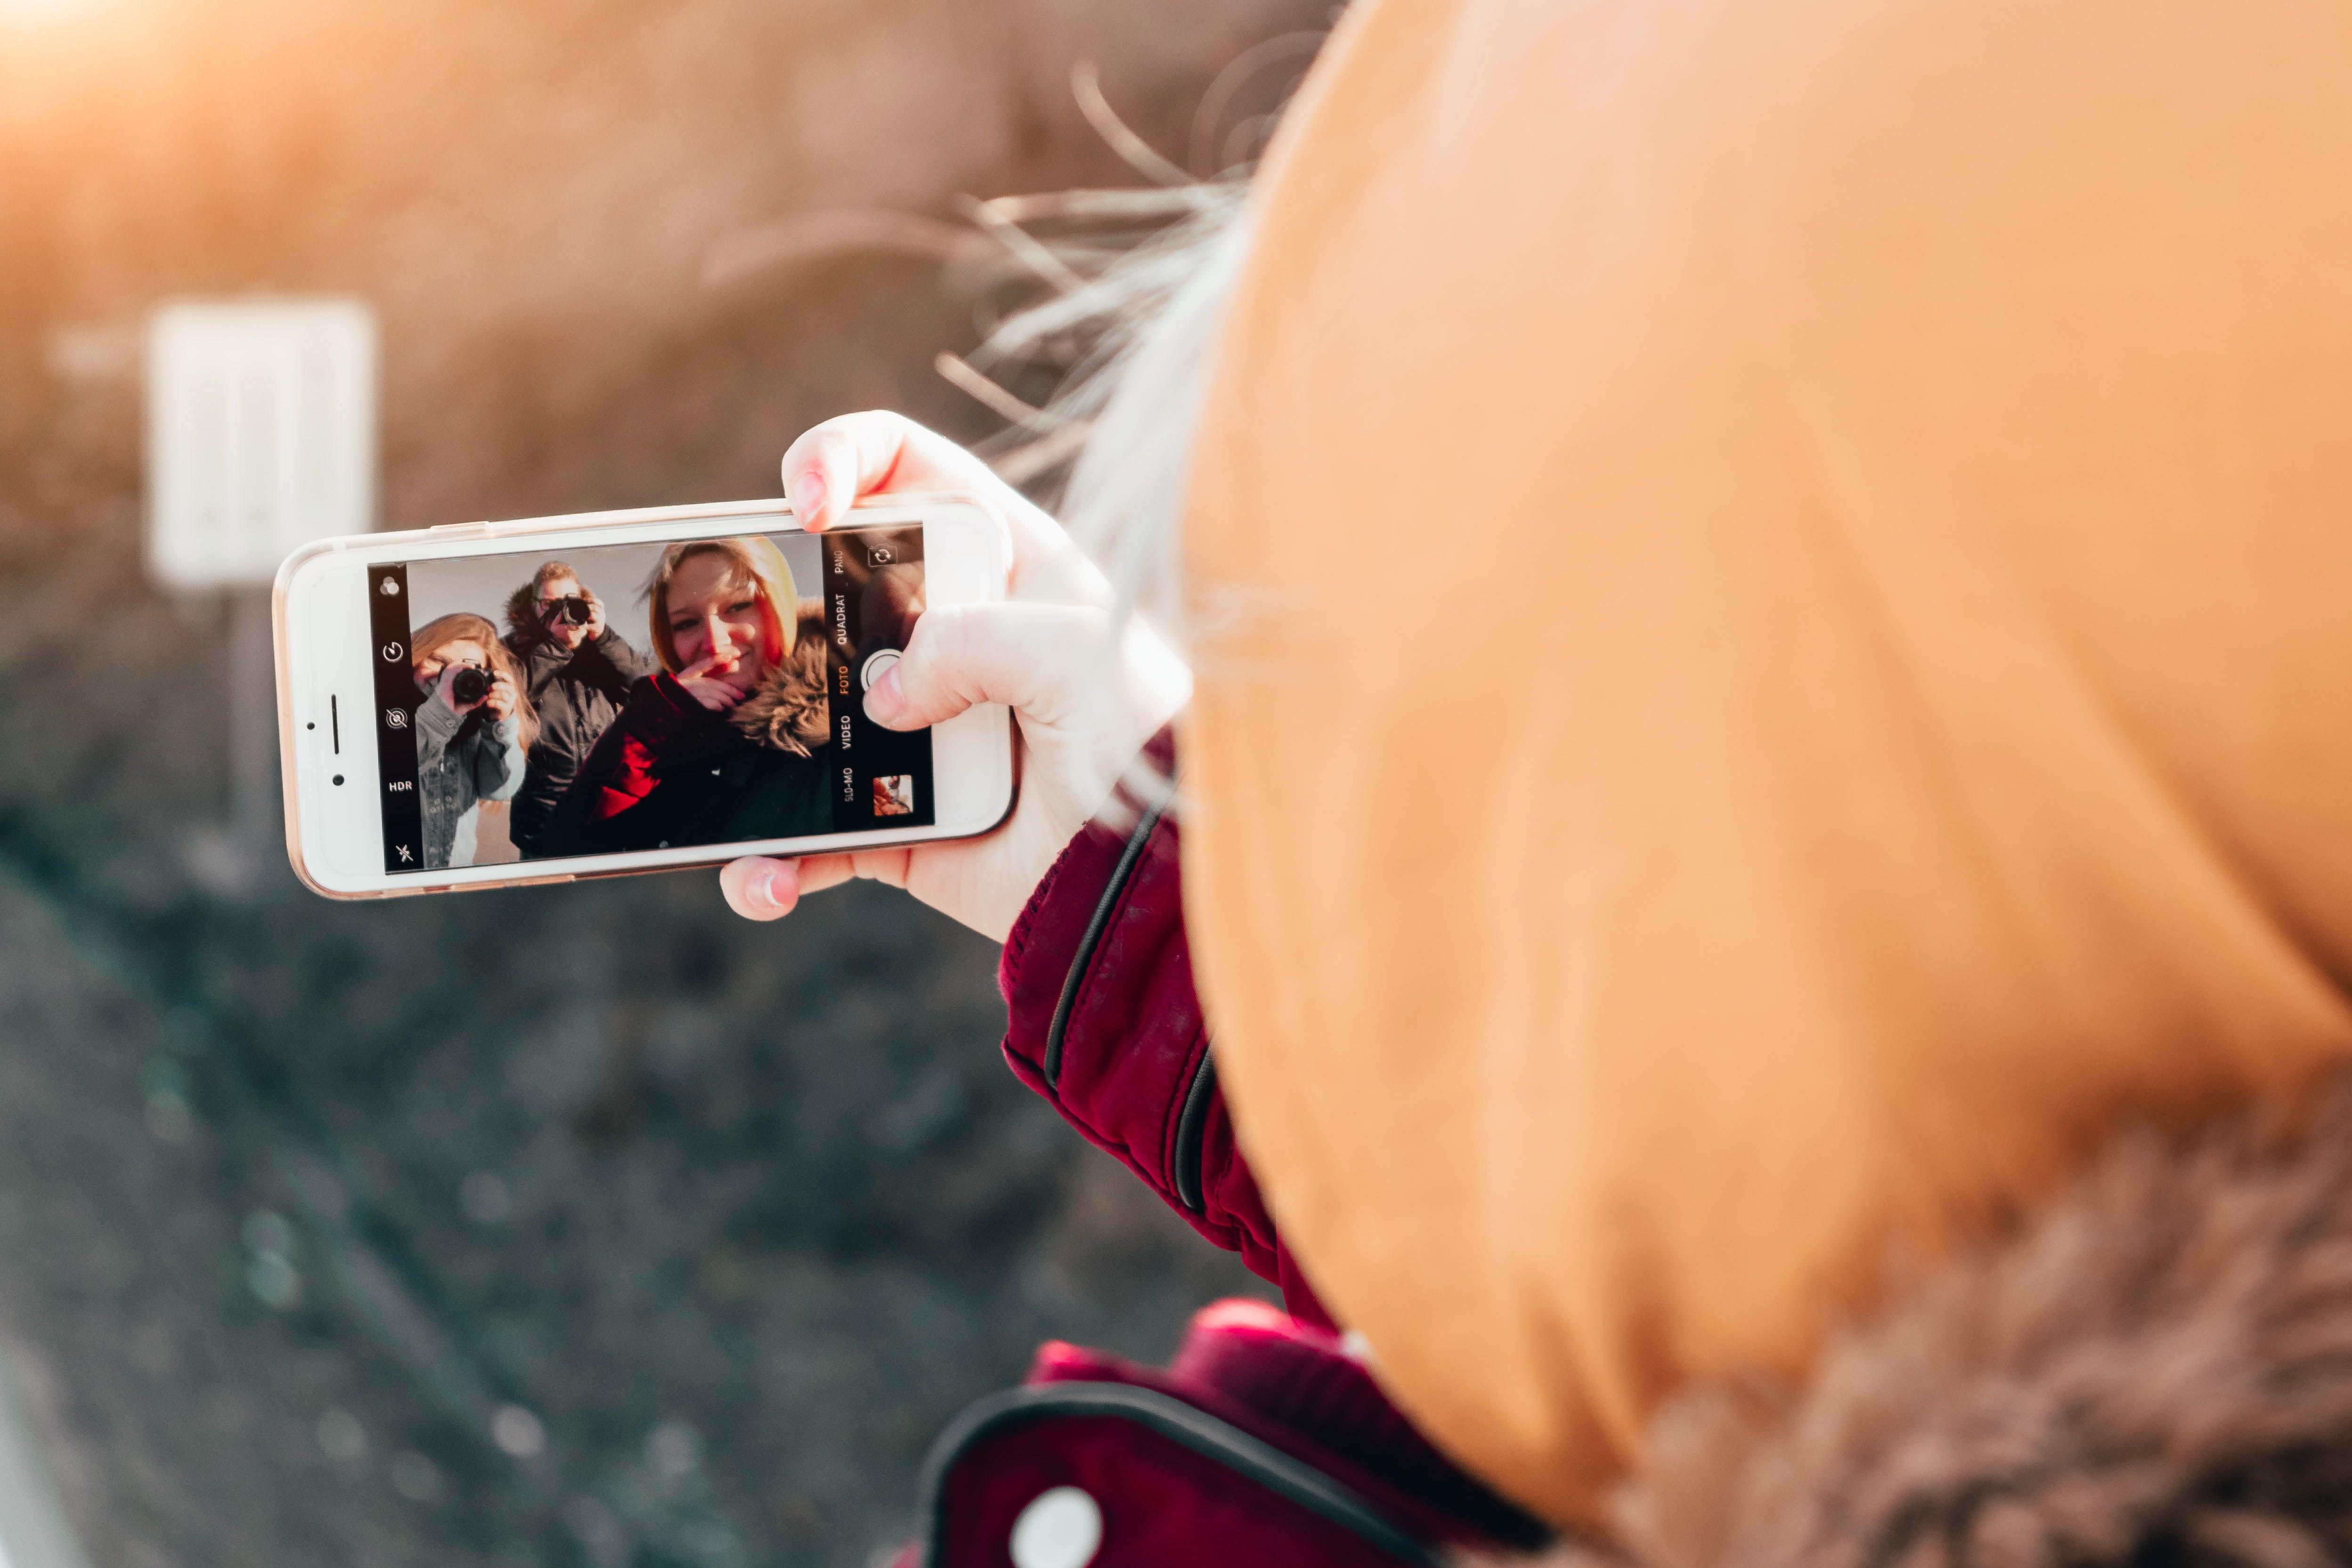 KONTROLL: Velger du privat konto på sosiale medier har du større kontroll over hvem som ser det du legger ut. Foto: Unsplash / Christian Wiediger